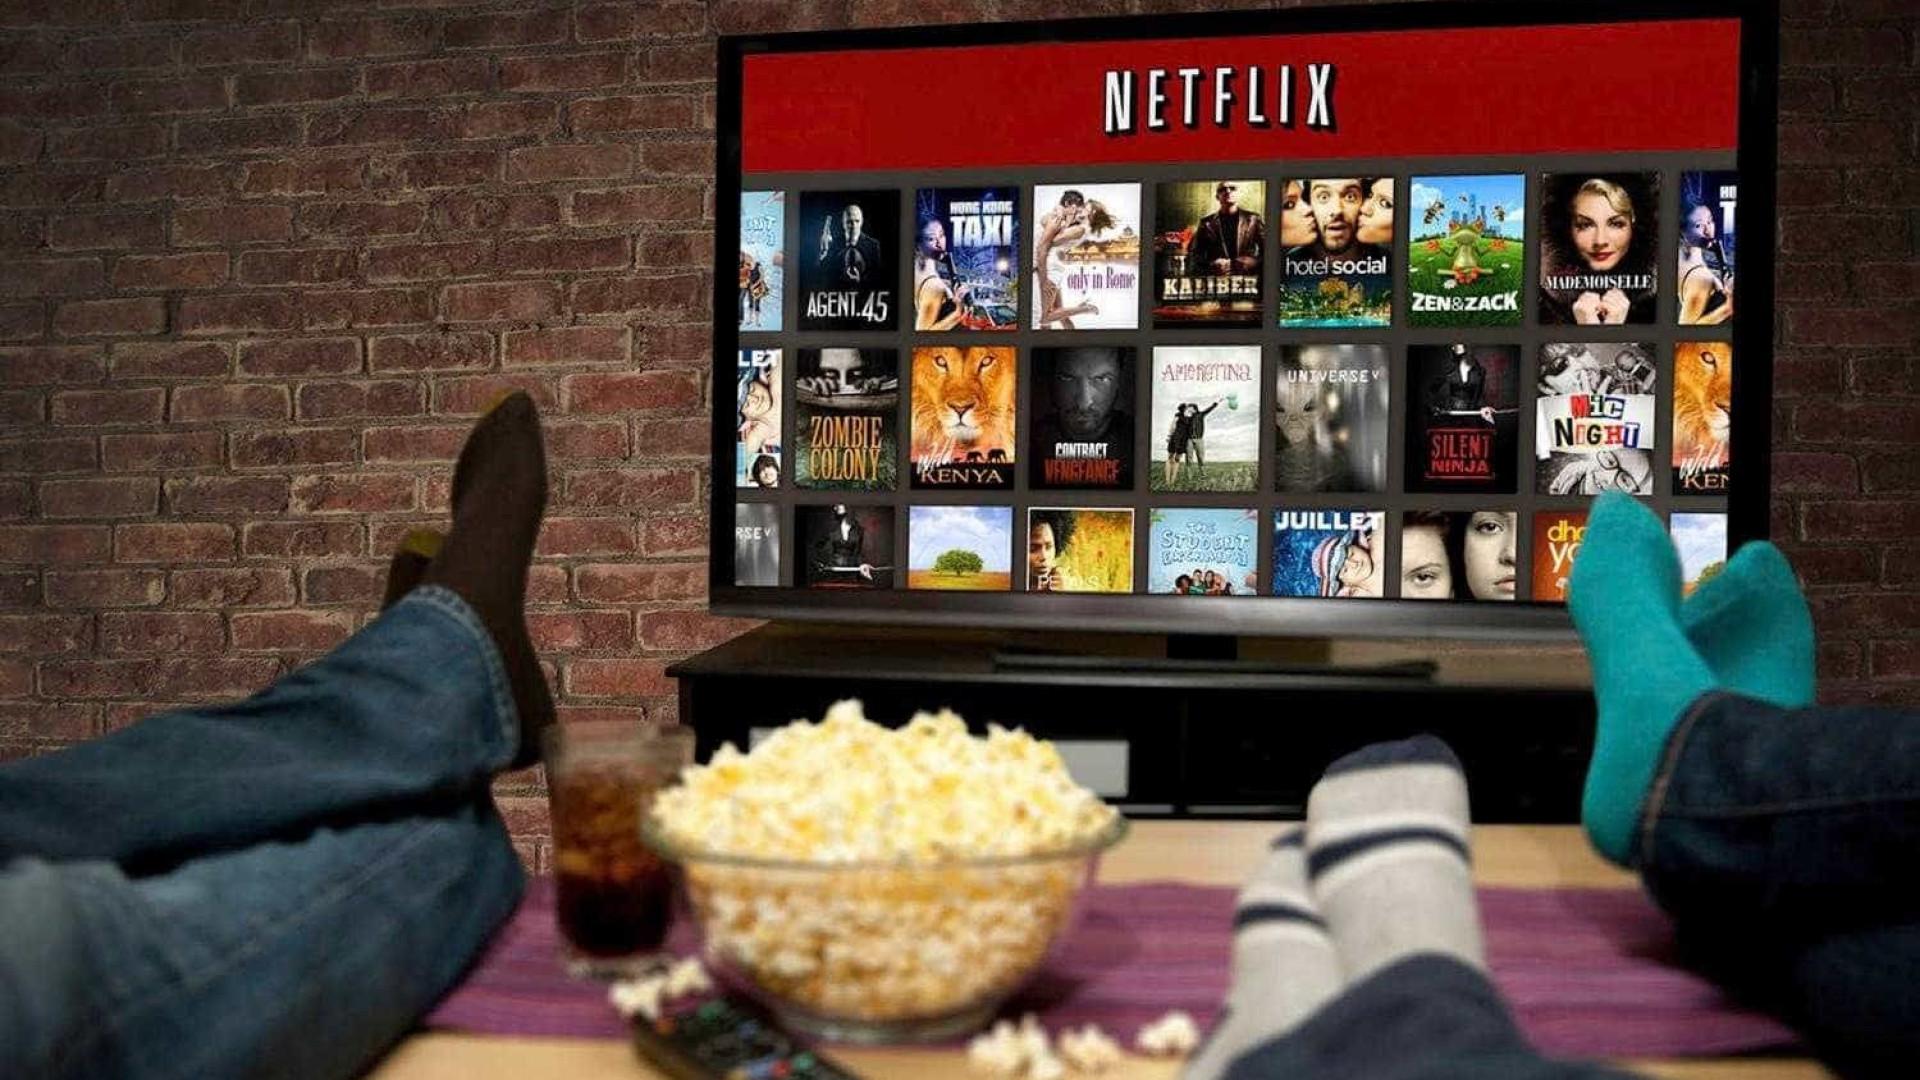 O esperado aconteceu. Netflix é mais popular que televisão tradicional